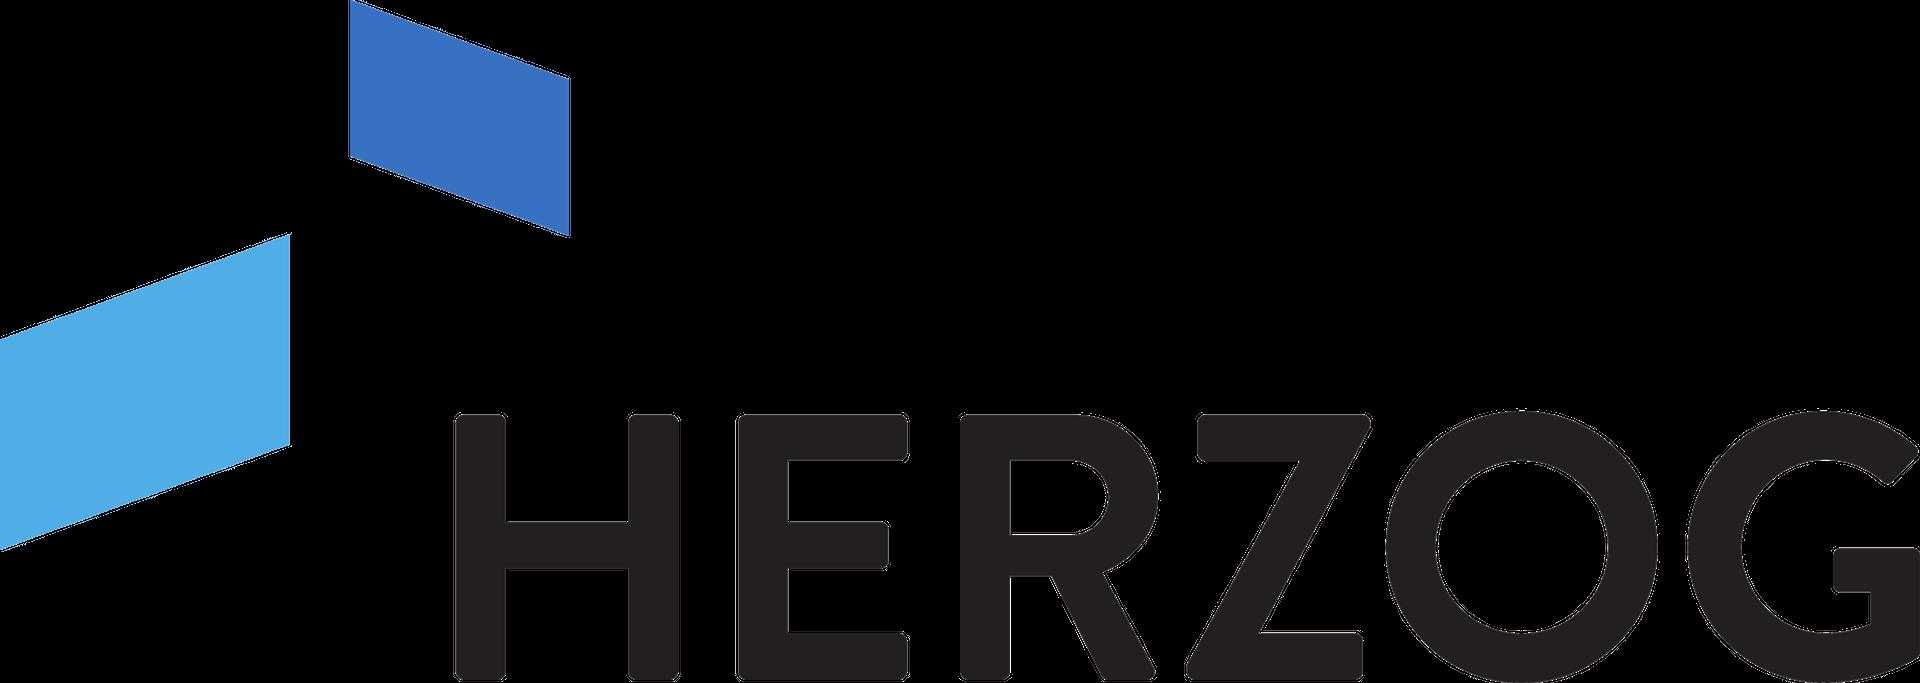 Herzog - Sicher laden